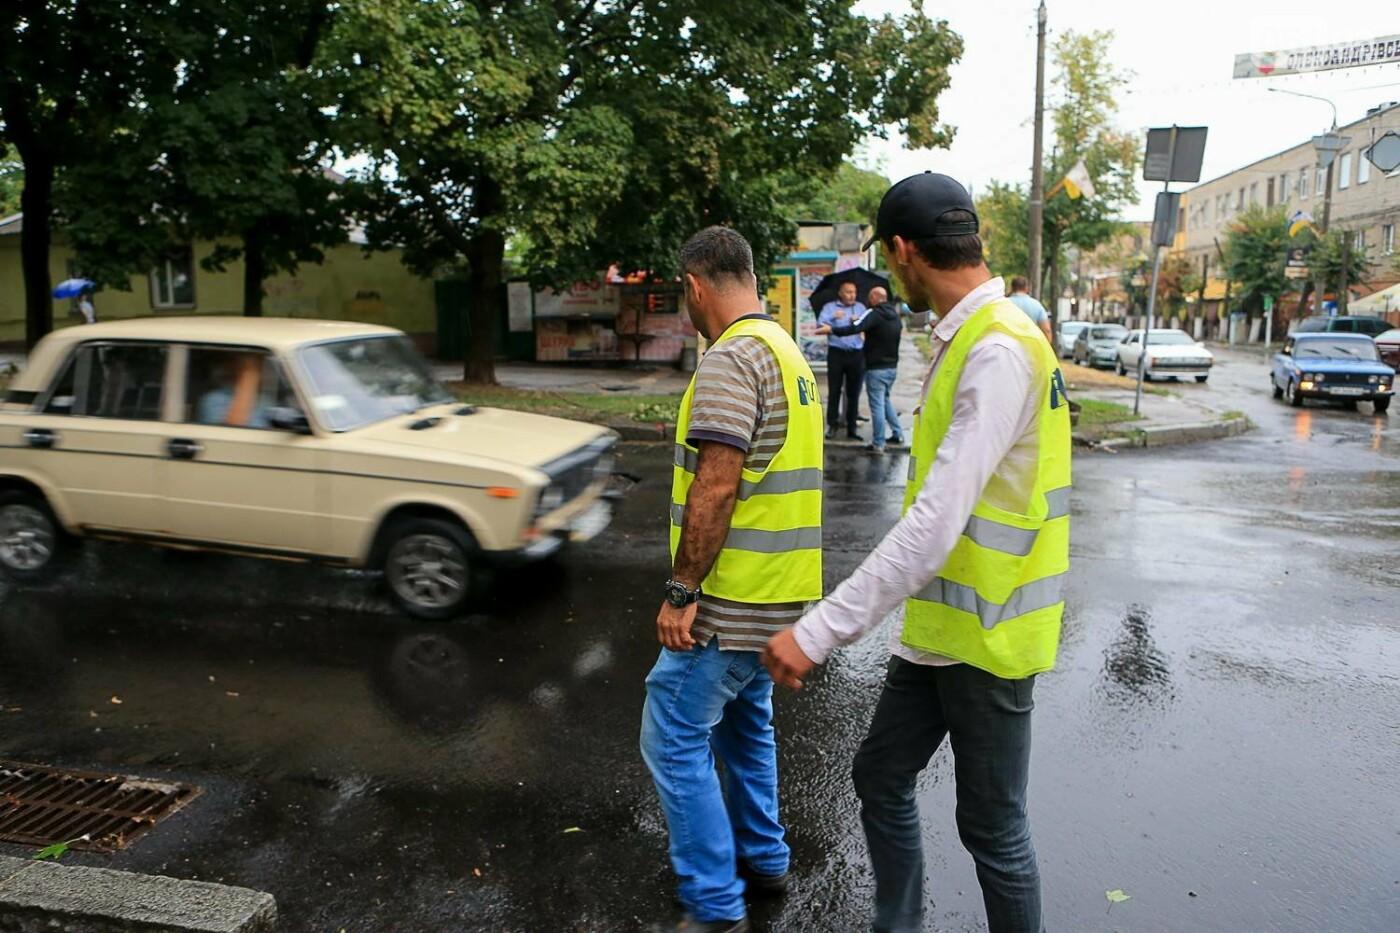 В Запорожье после ливней разрушены дороги: почему это произошло и за чей счет отремонтируют, - ФОТОРЕПОРТАЖ, фото-1